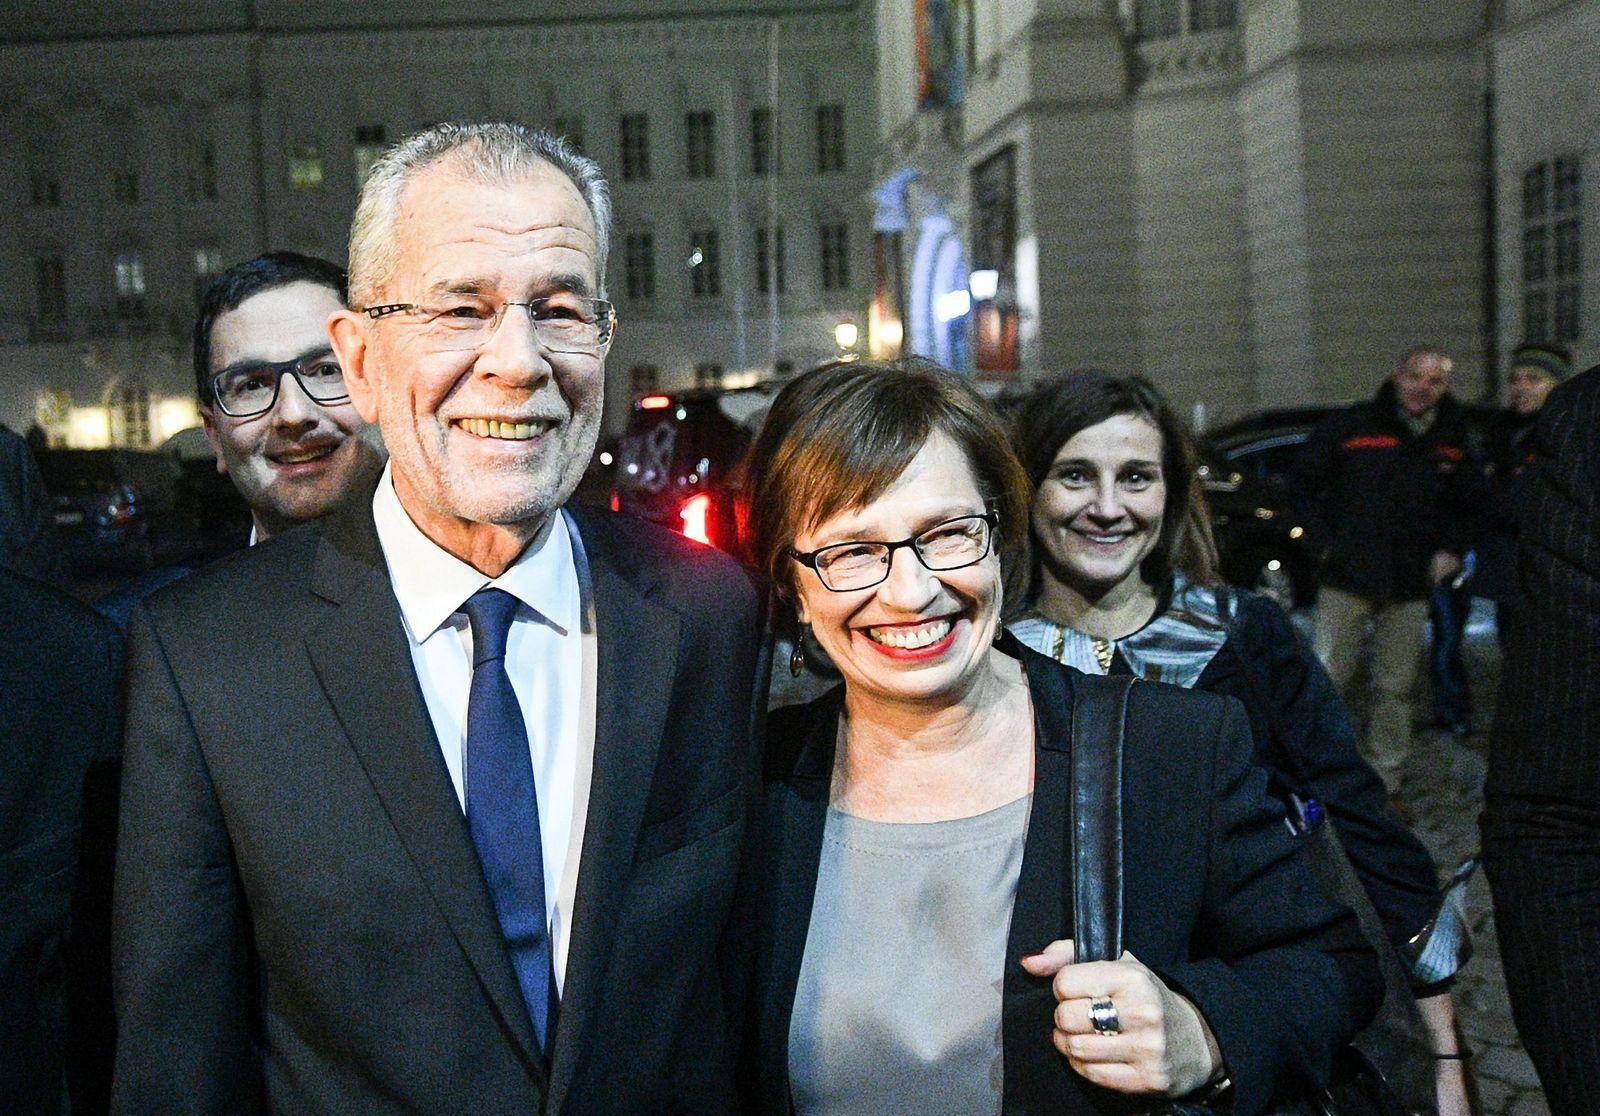 Österreich/ Wahl/ Alexander van der Bellen/ Doris Schmidauer